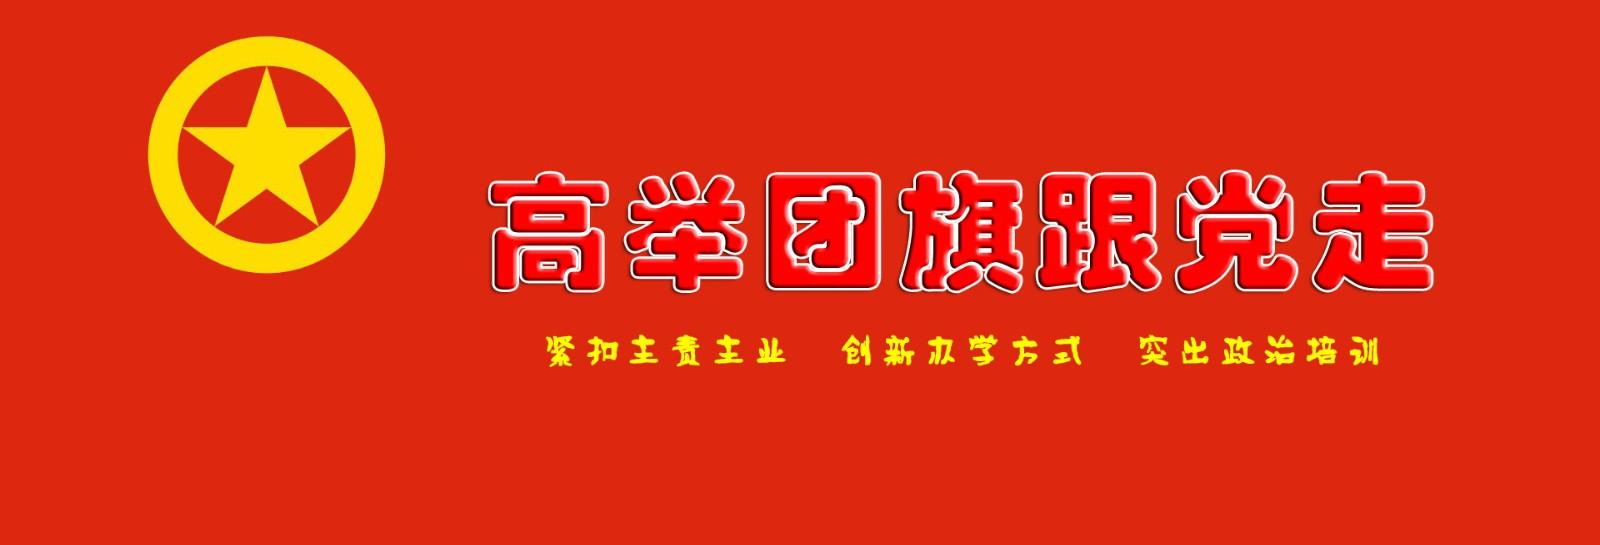 拉菲2娱乐官网